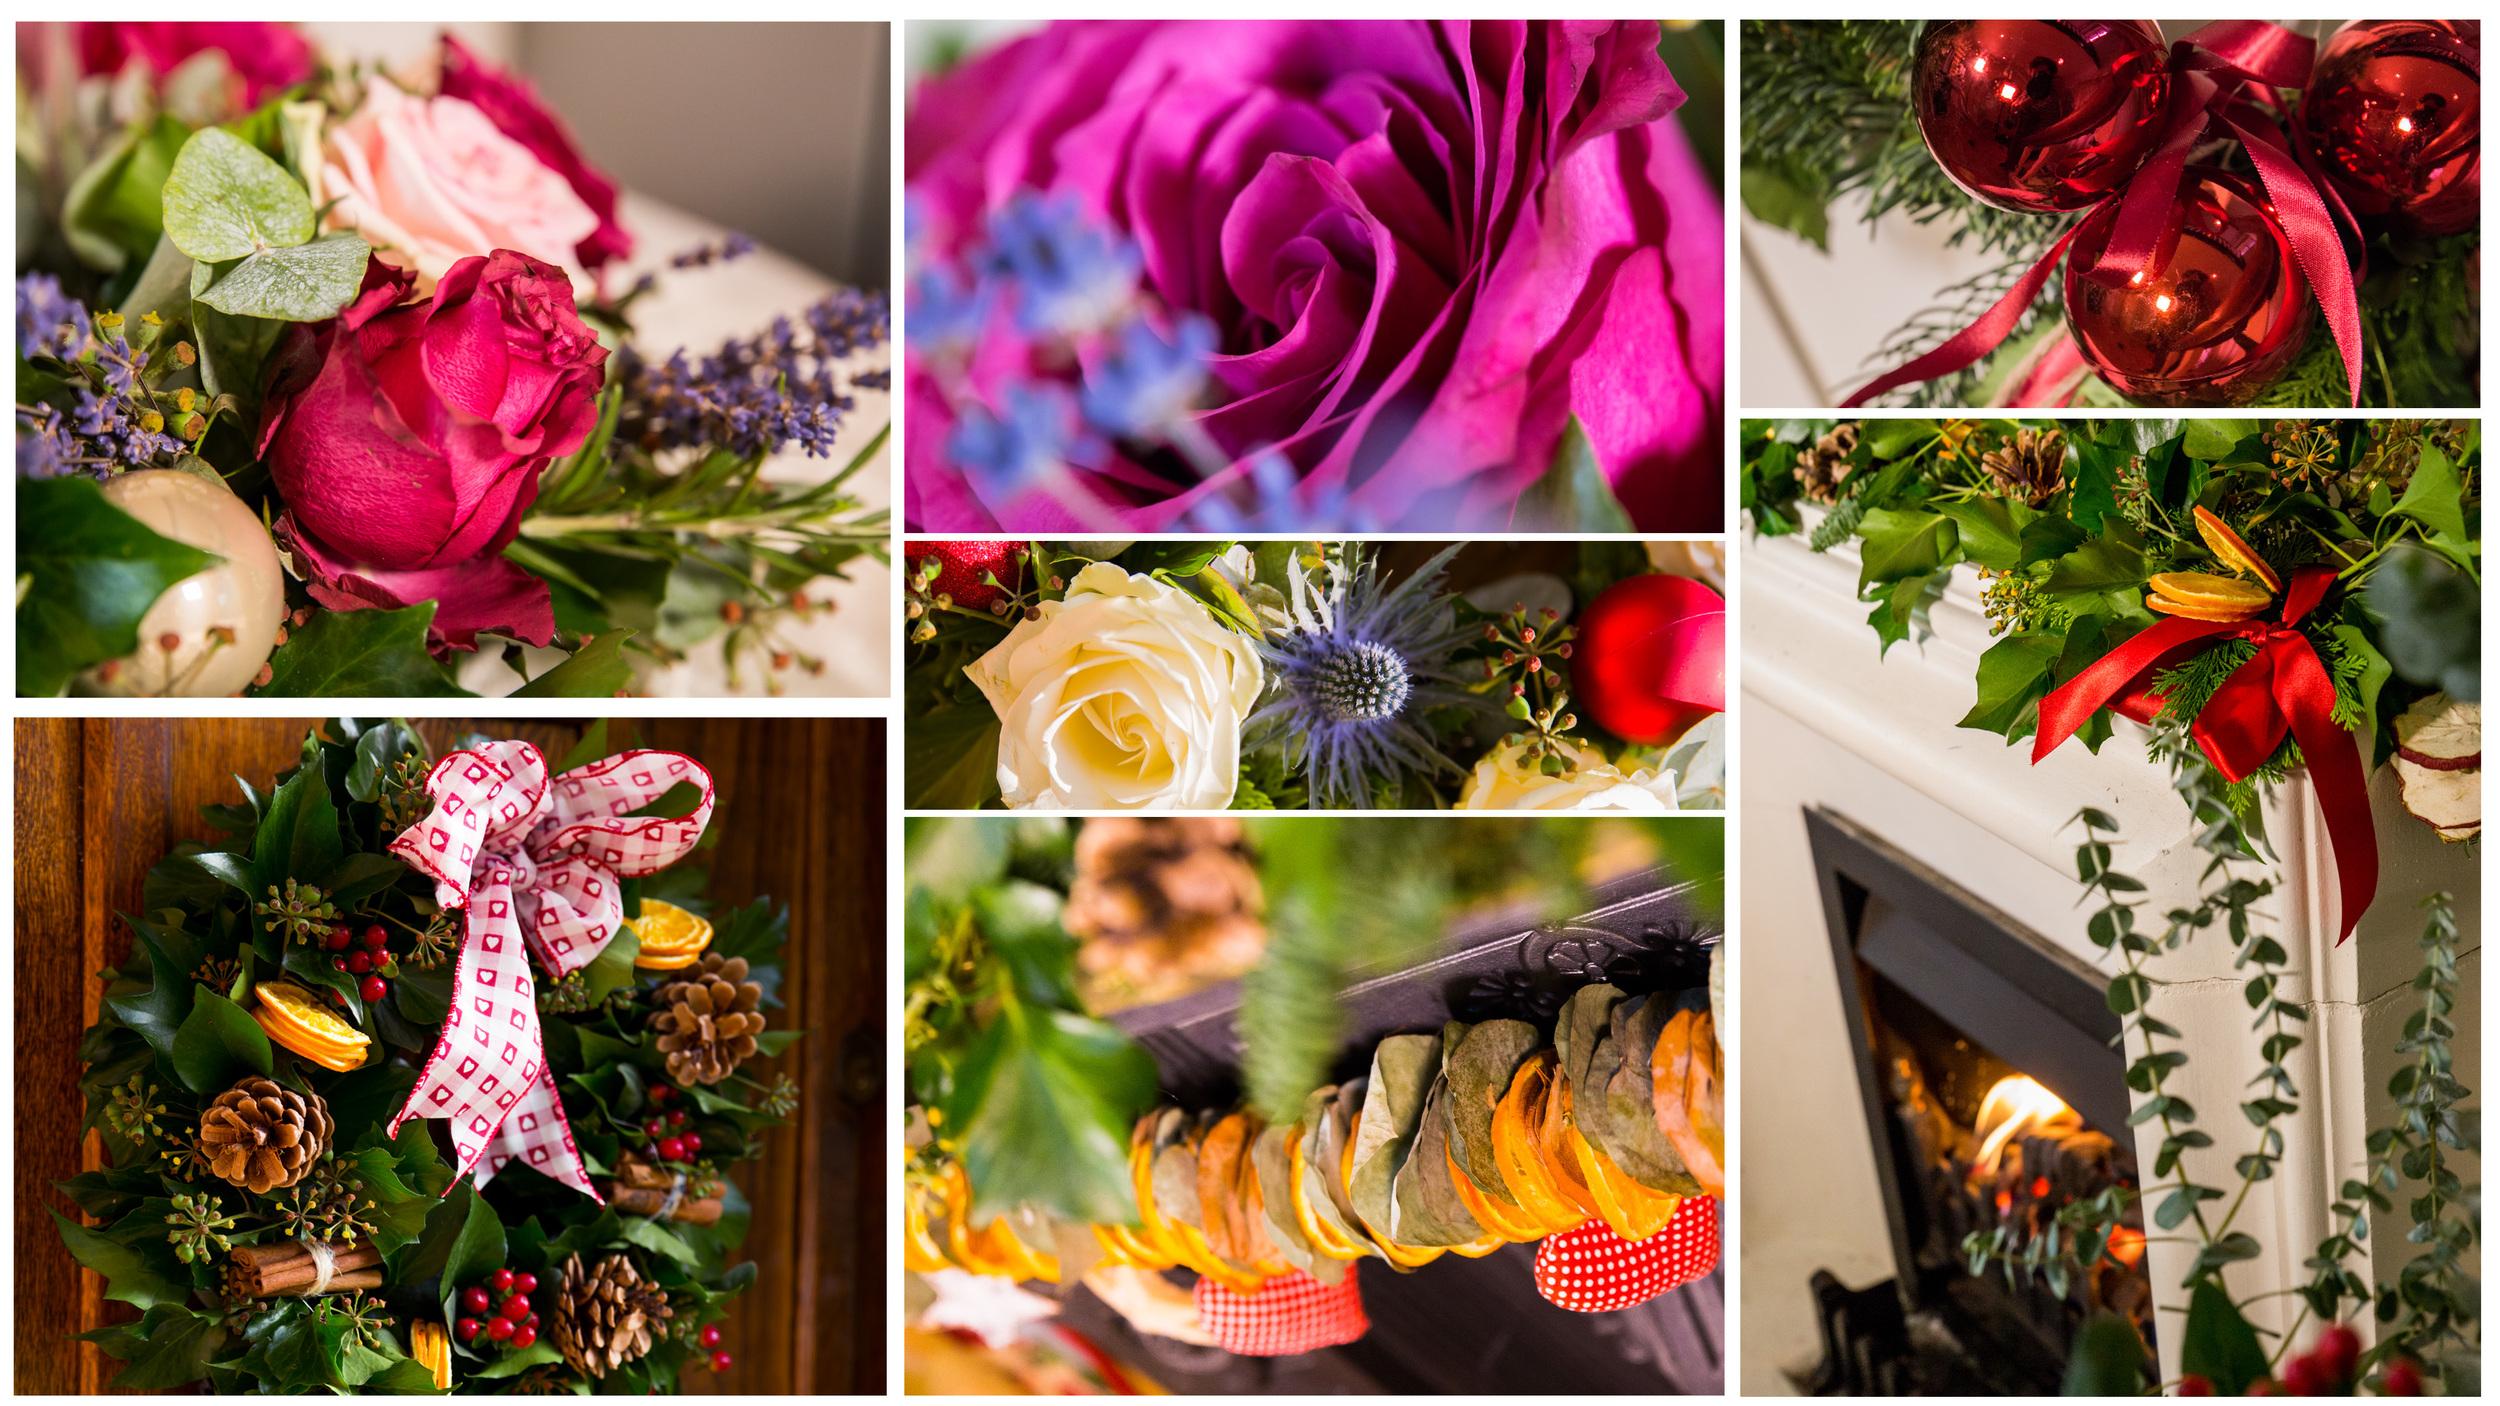 Adam_floral montage2.jpg